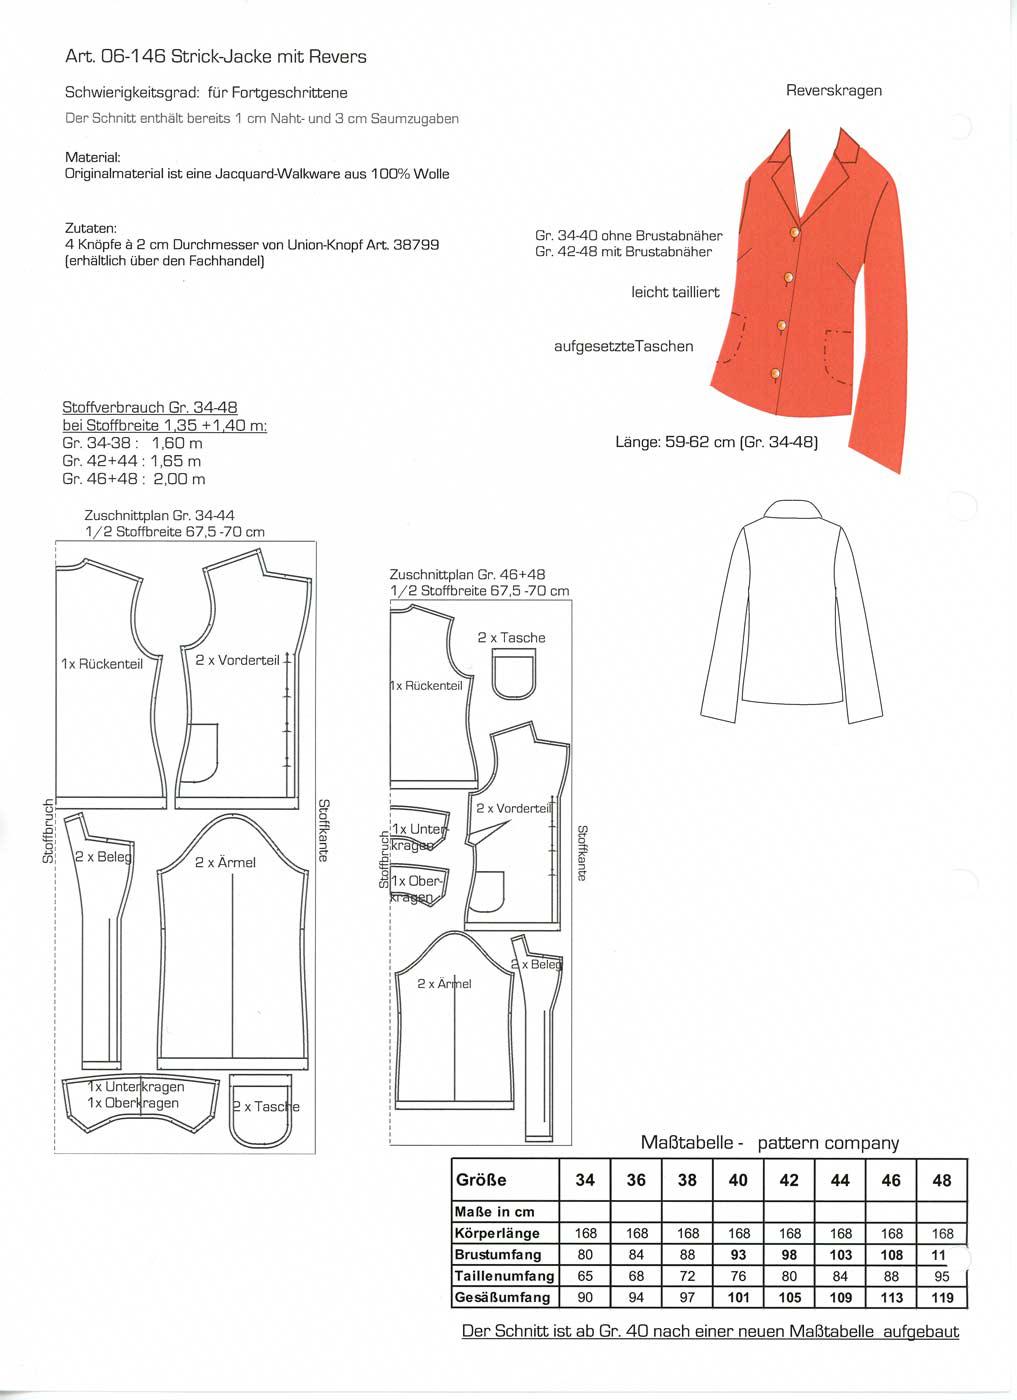 Schnittmuster - Jacke Reverskragen - 06-146 - Pattern Company